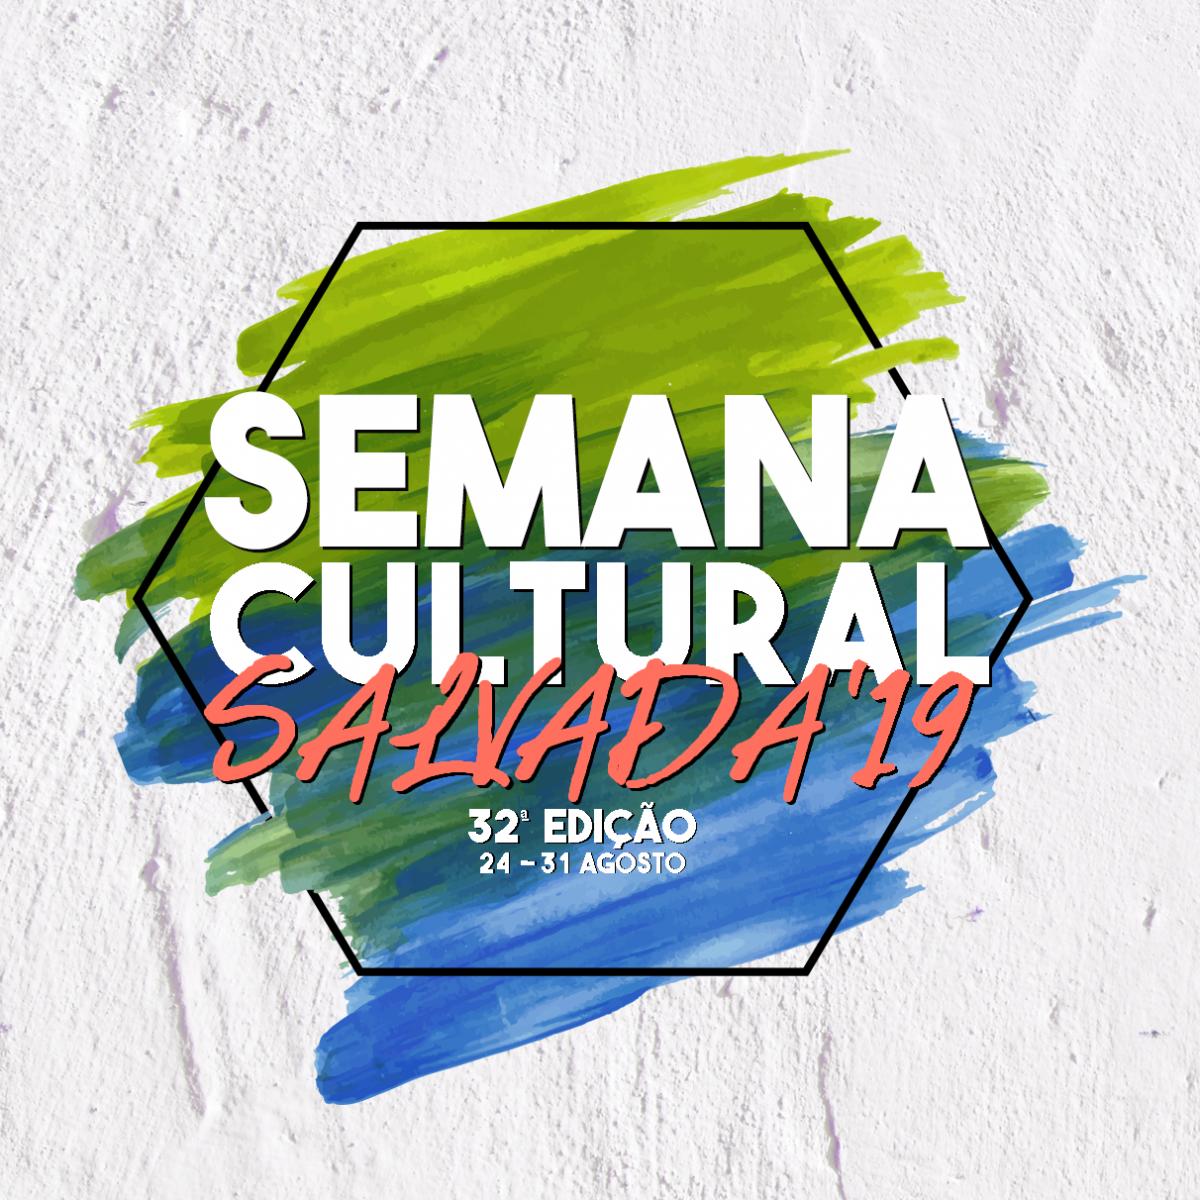 Semana Cultural Salvada 2019